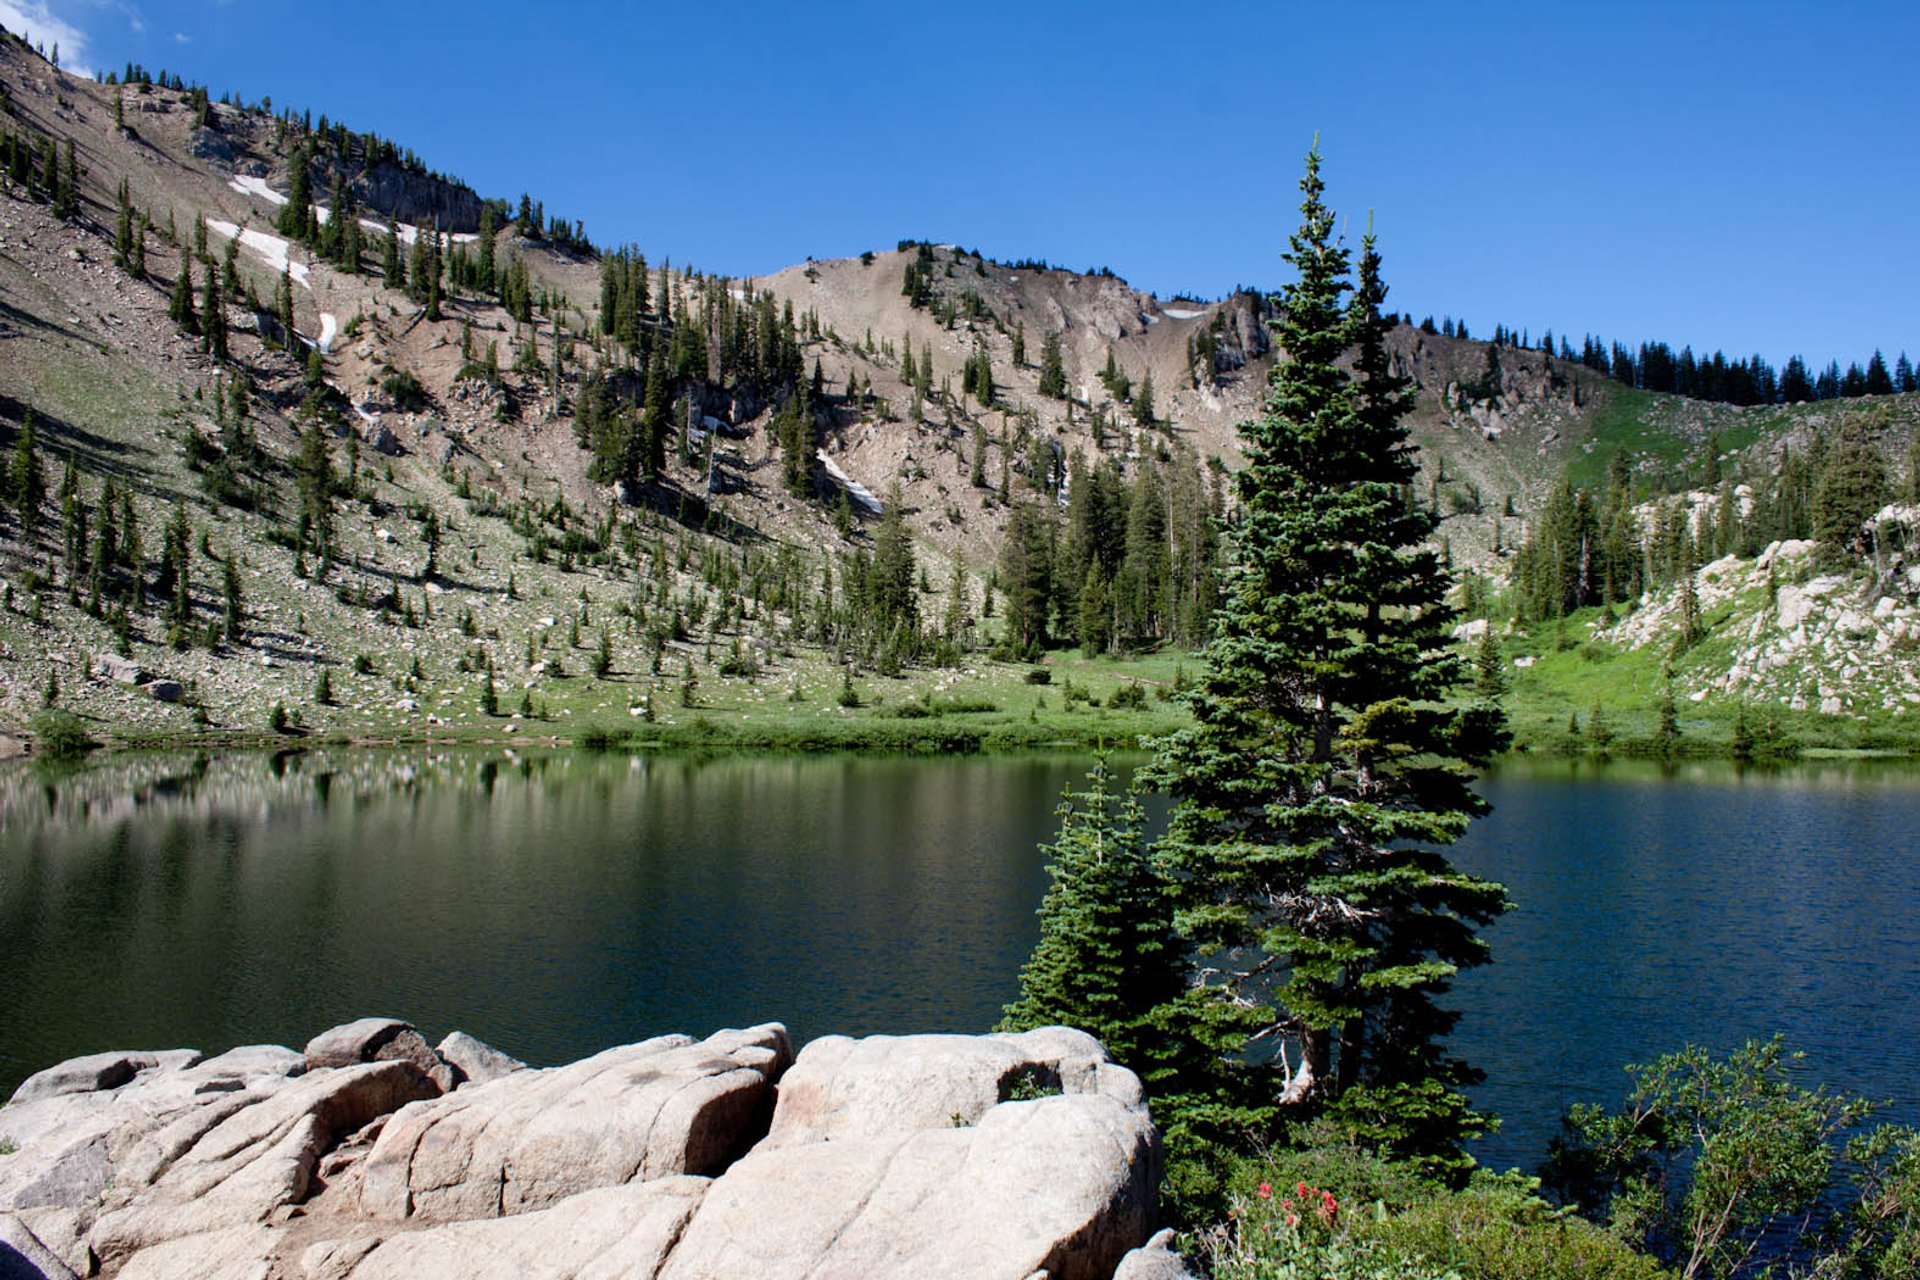 Brighton Lakes Trail in Utah 2020 - Best Time